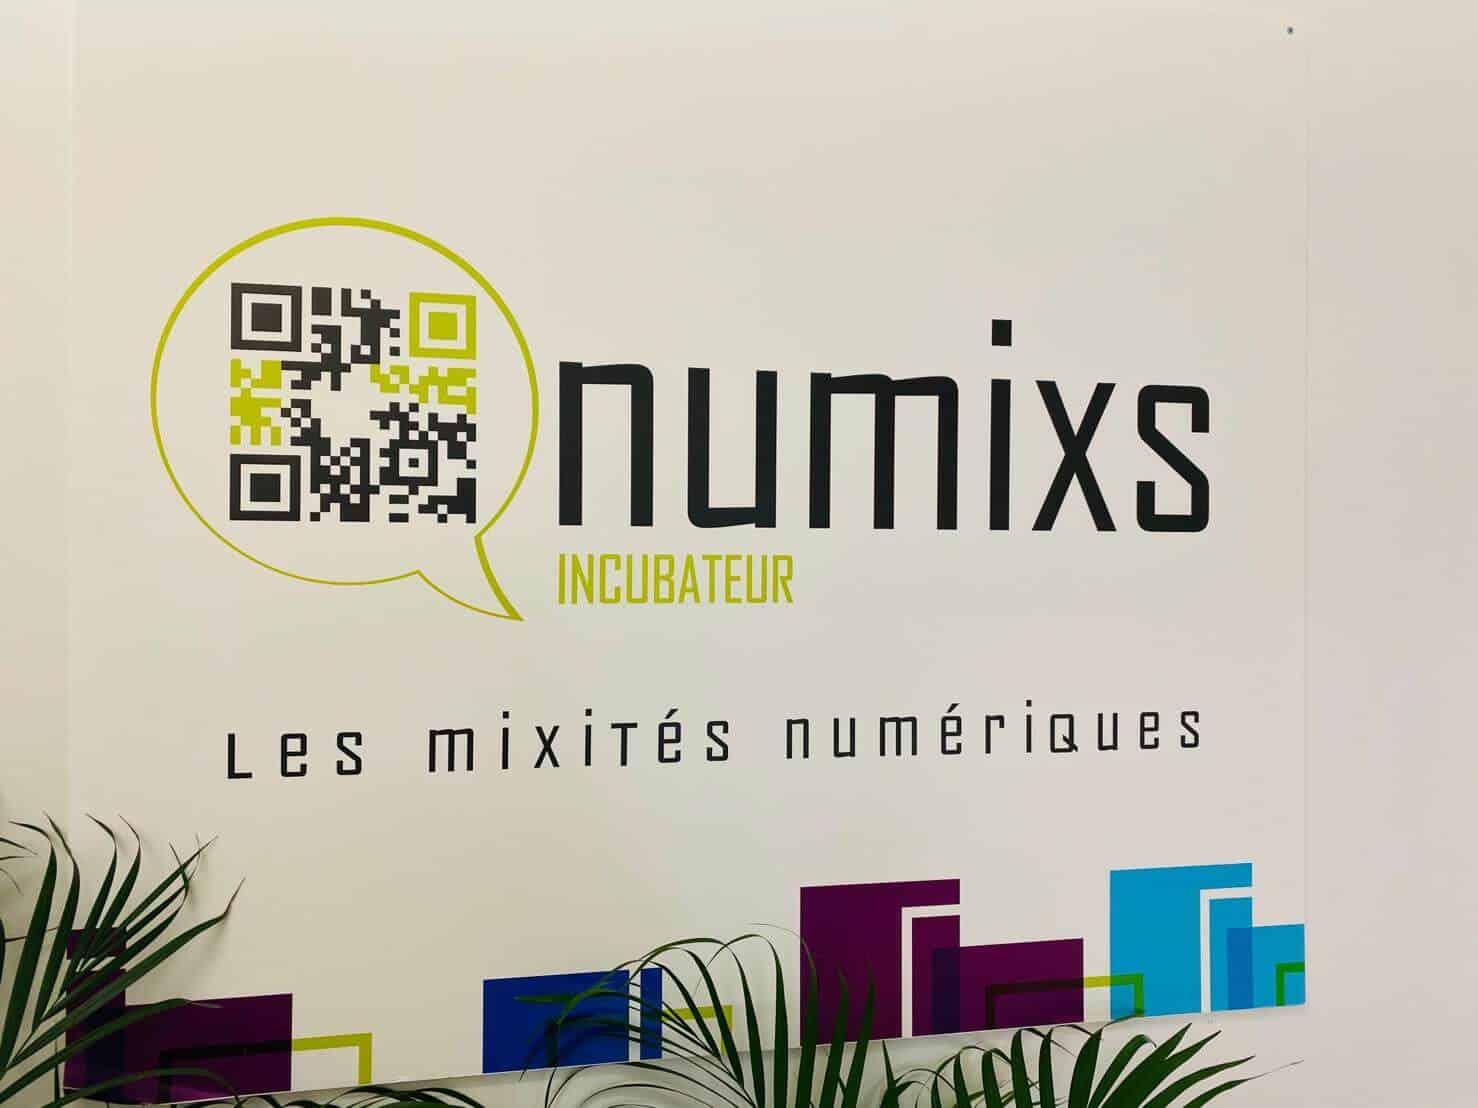 Incubateur Numixs sarcelles